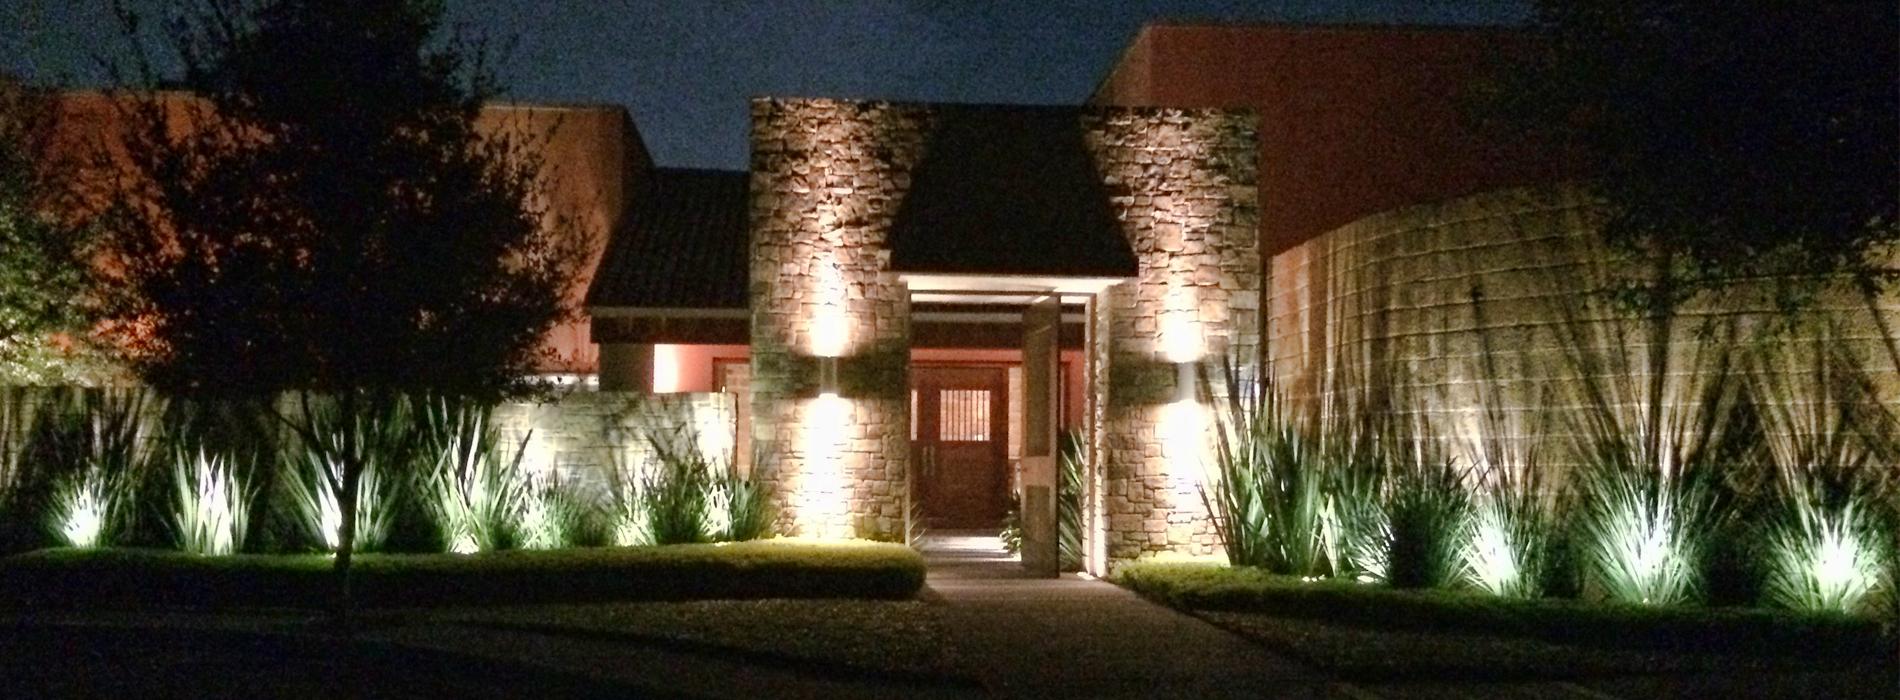 Lumipro Focos Para Jardin Iluminaci N De Exterior